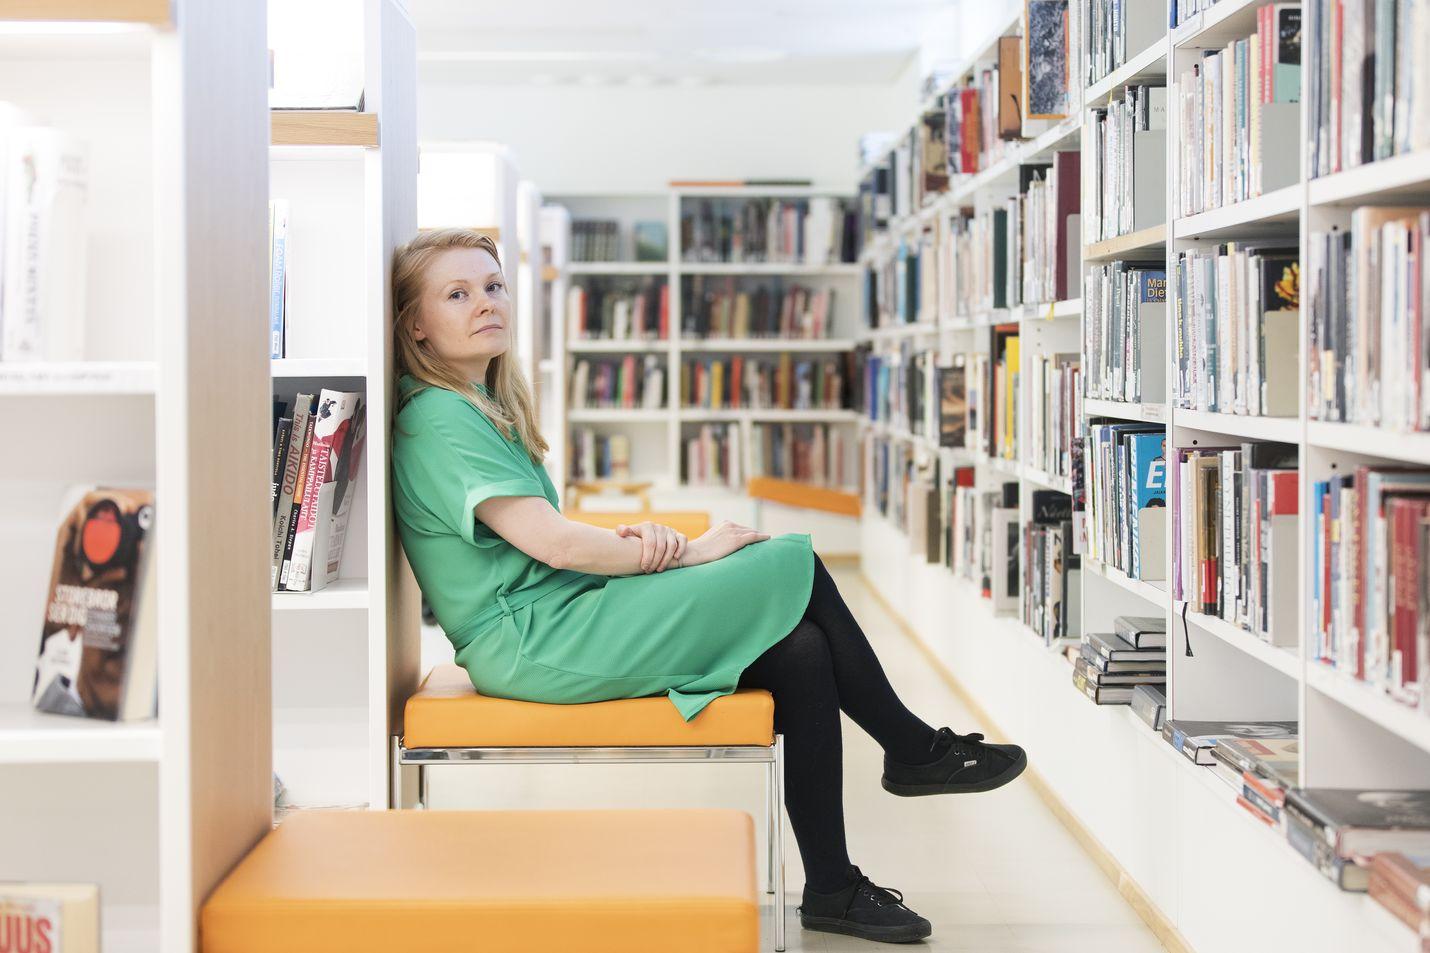 Saara Turunen käy usein Helsingin Töölön kirjastossa lukemassa ja lainaamassa kirjoja. Välillä hän lukee tarkasti kieltä ja kirjan rakenteita miettien, mutta toisinaan hän vain uppoutuu hyvään kirjaan.